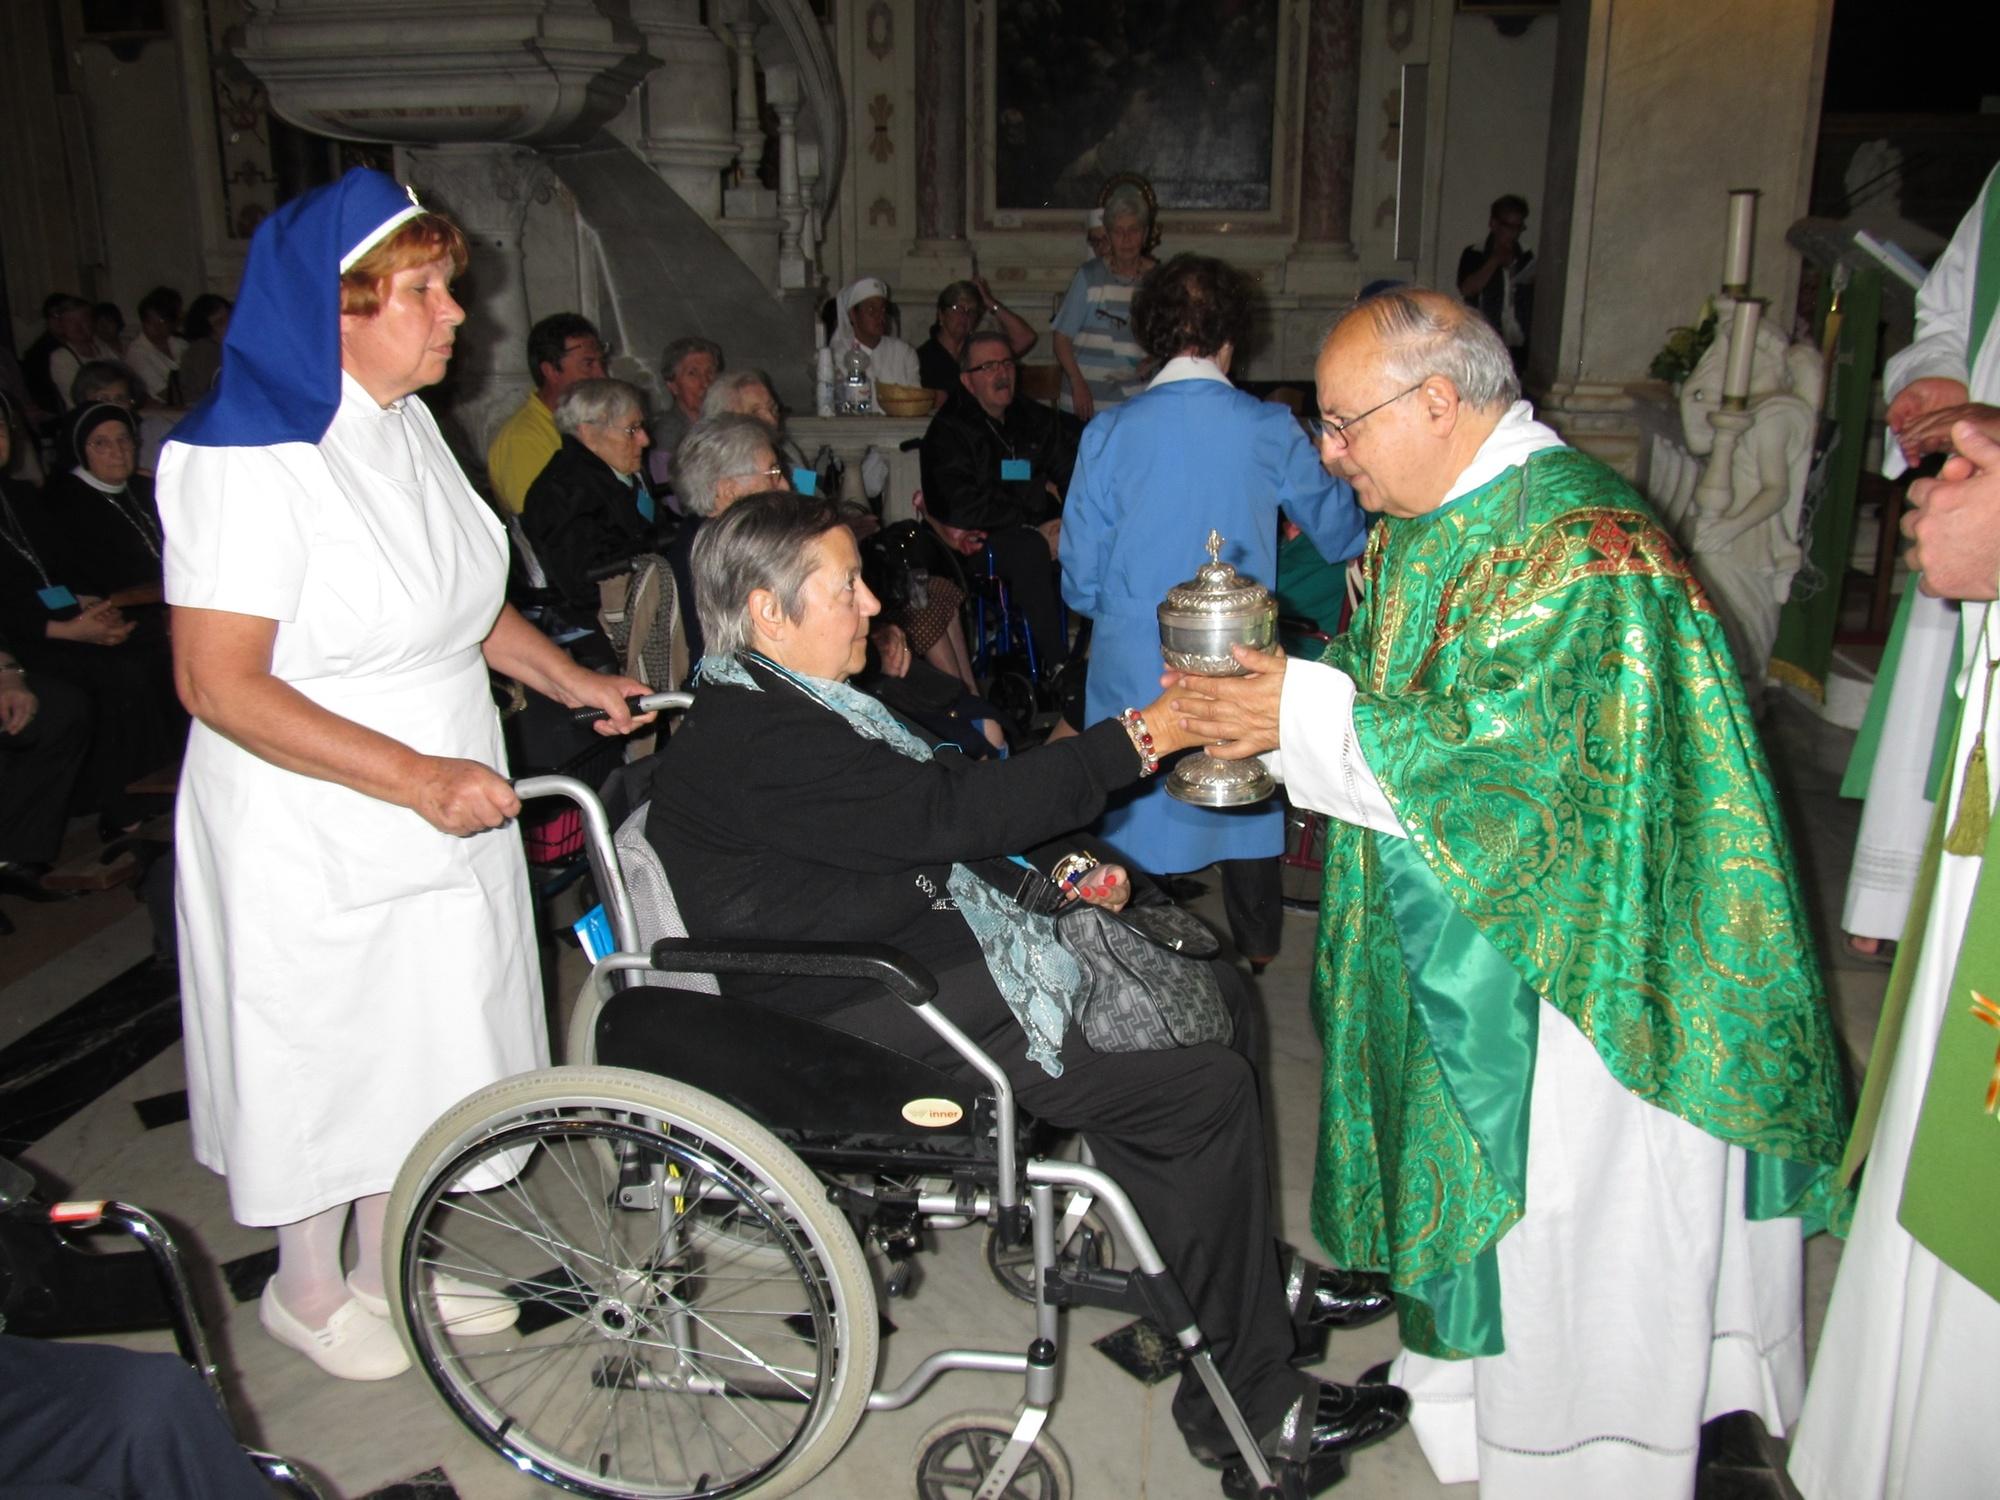 giornata-vicariale-malato-2014-09-28-16-44-30